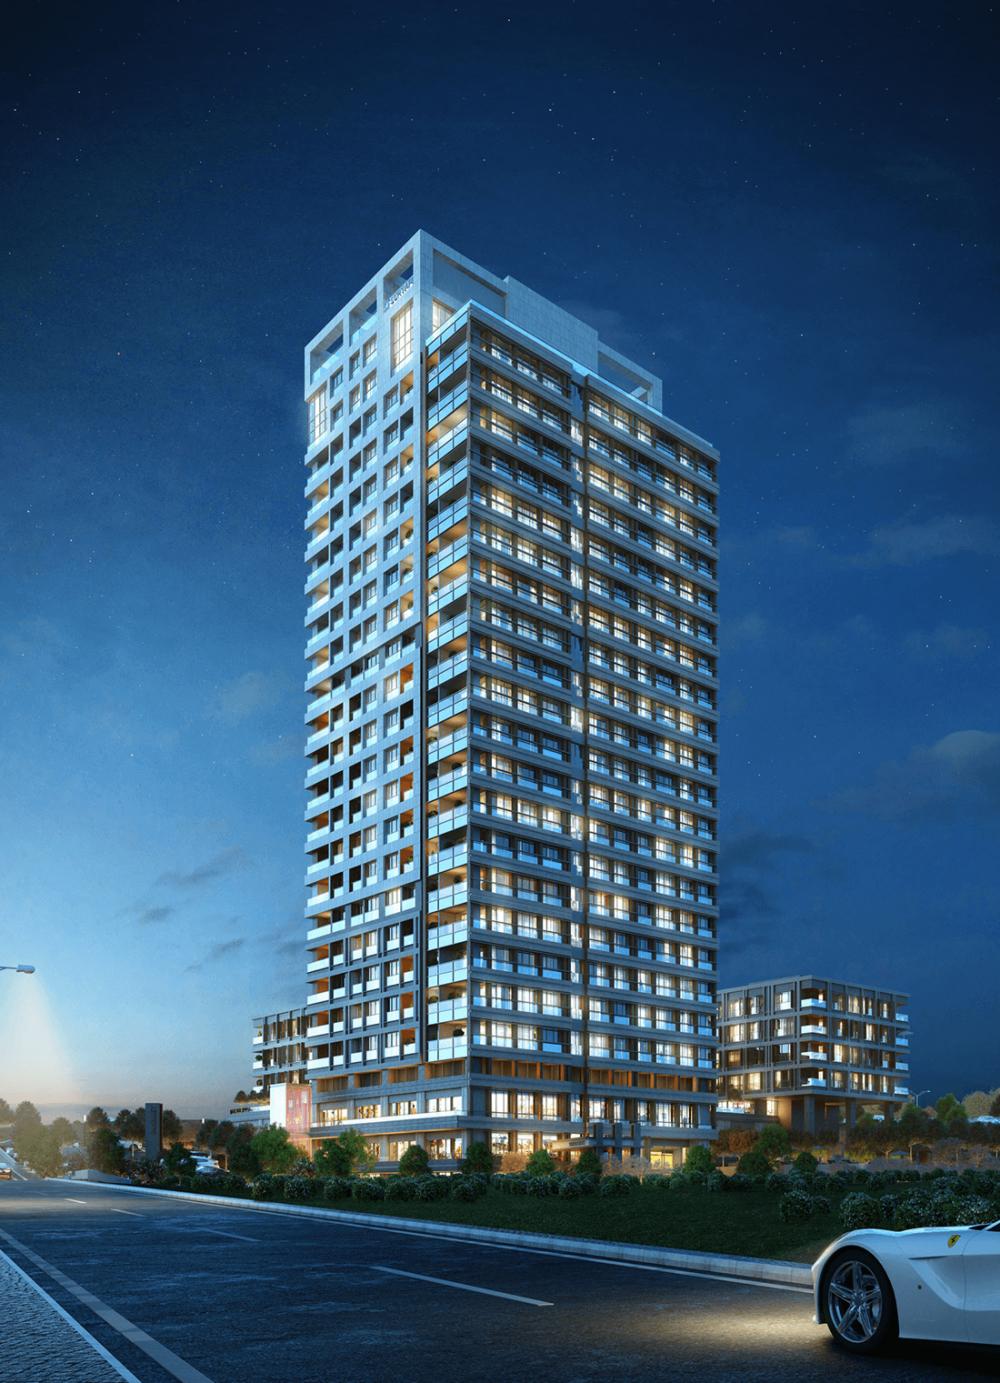 «Умные» квартиры в новом жилом комплексе Стамбула - Фото 20